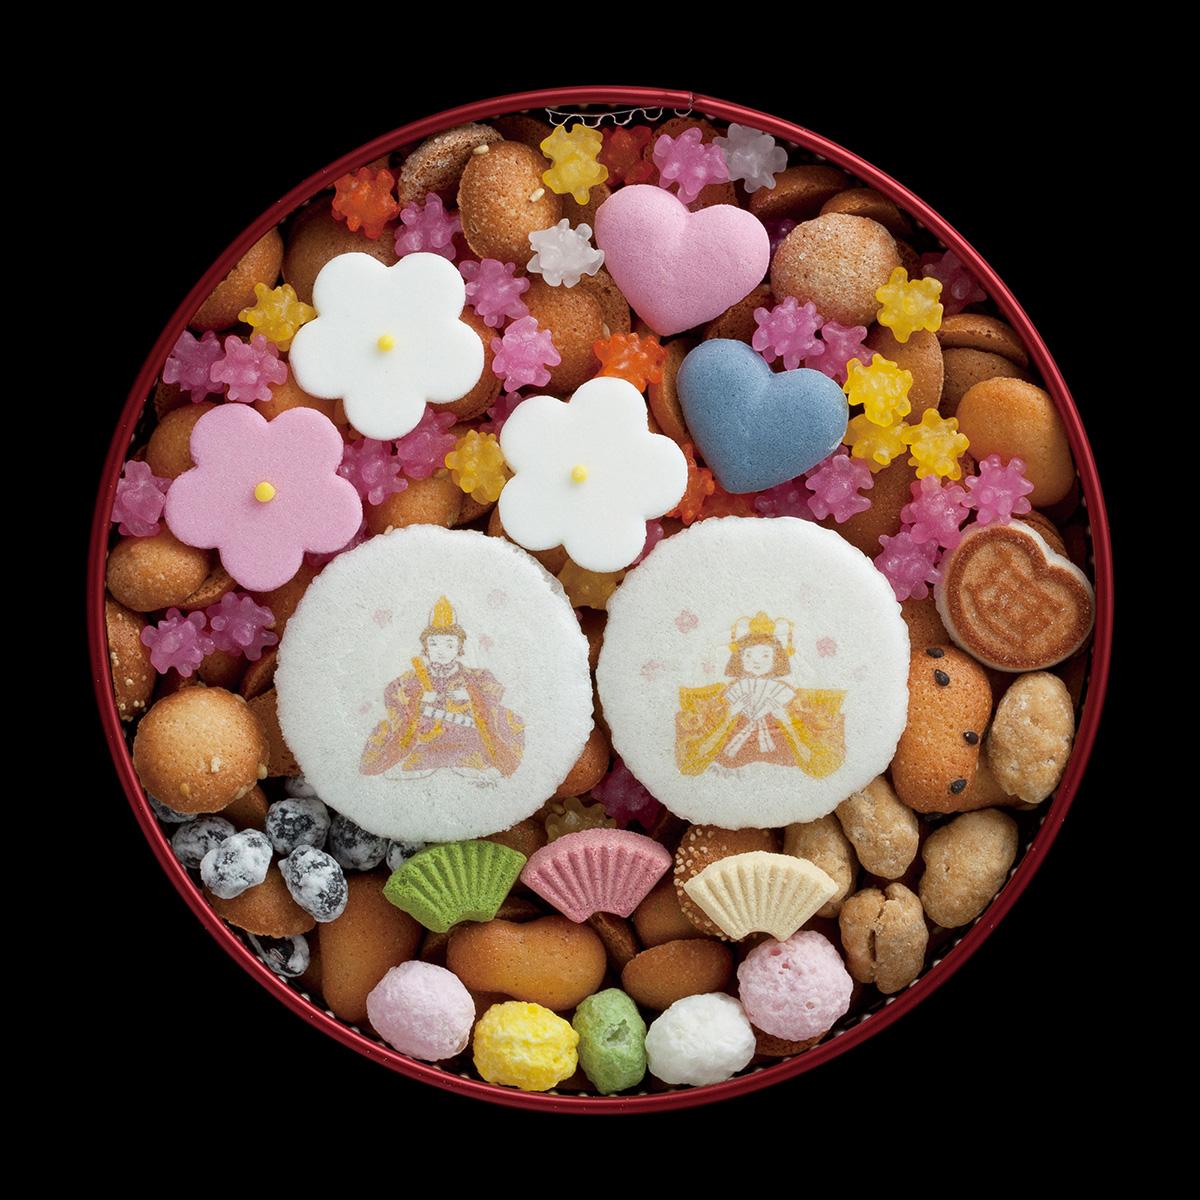 銀座菊廼舎の雛祭り